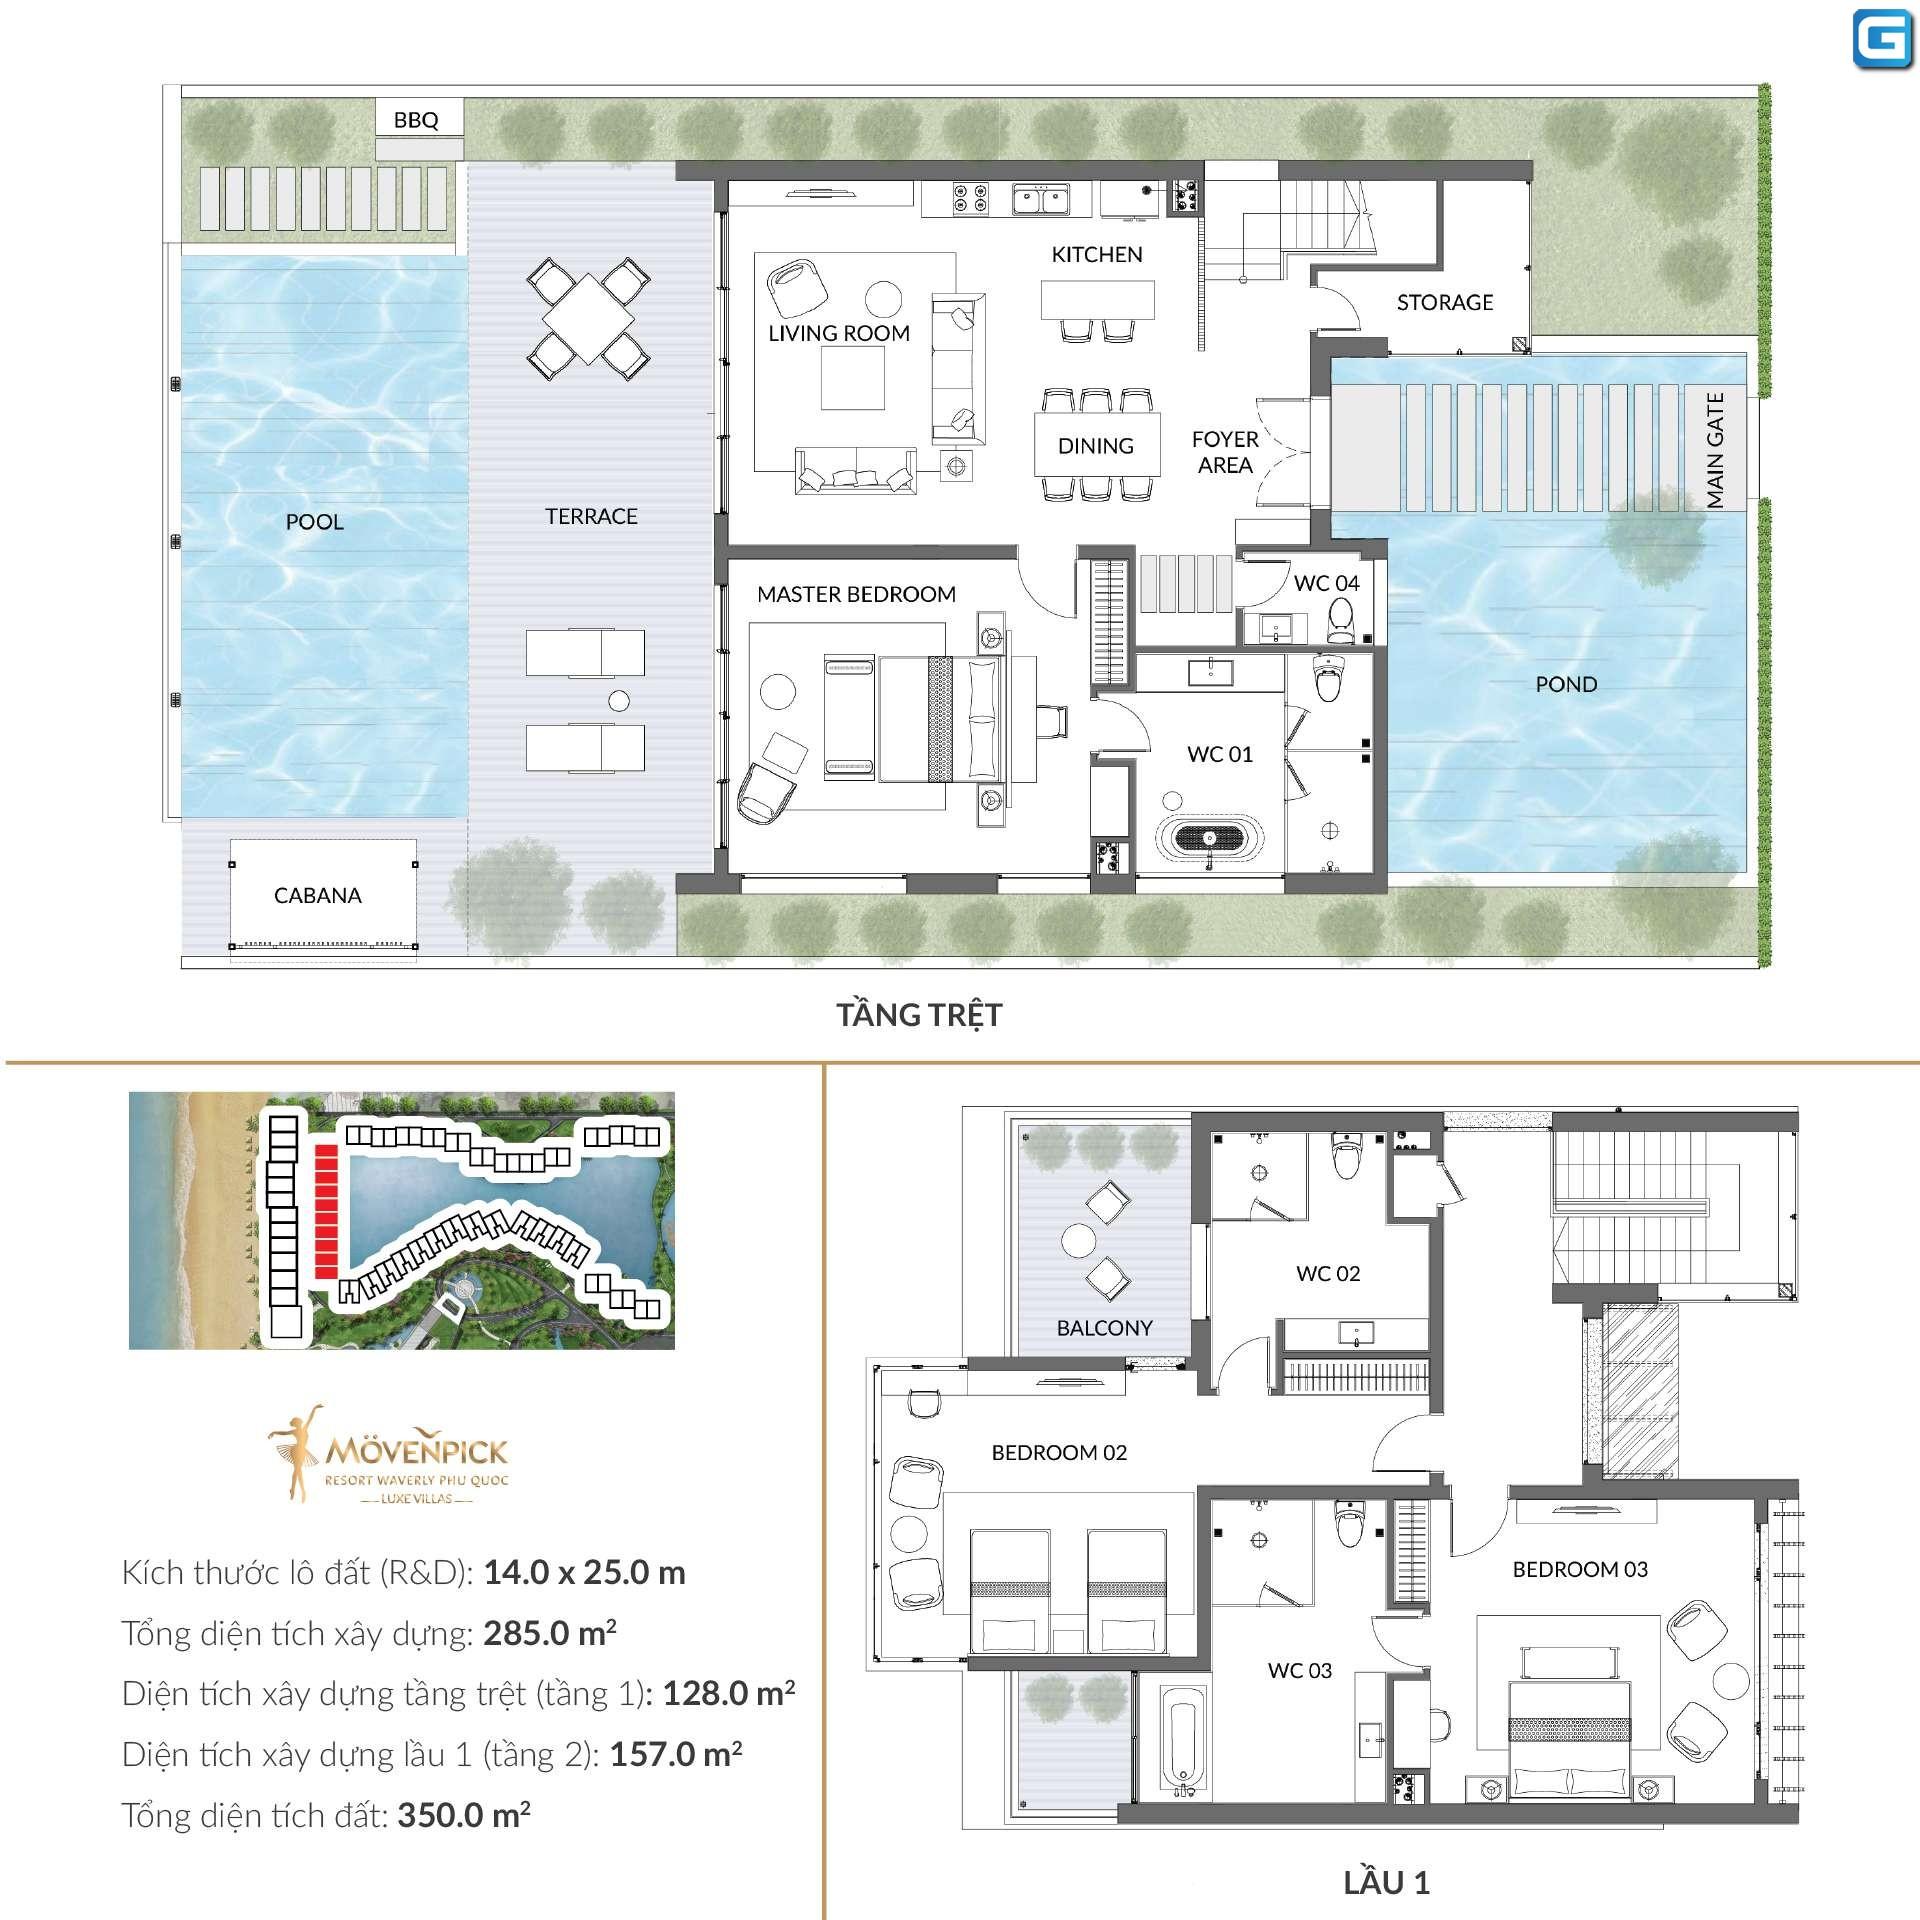 dự án Movenpick Resort Waverly Phú Quốc